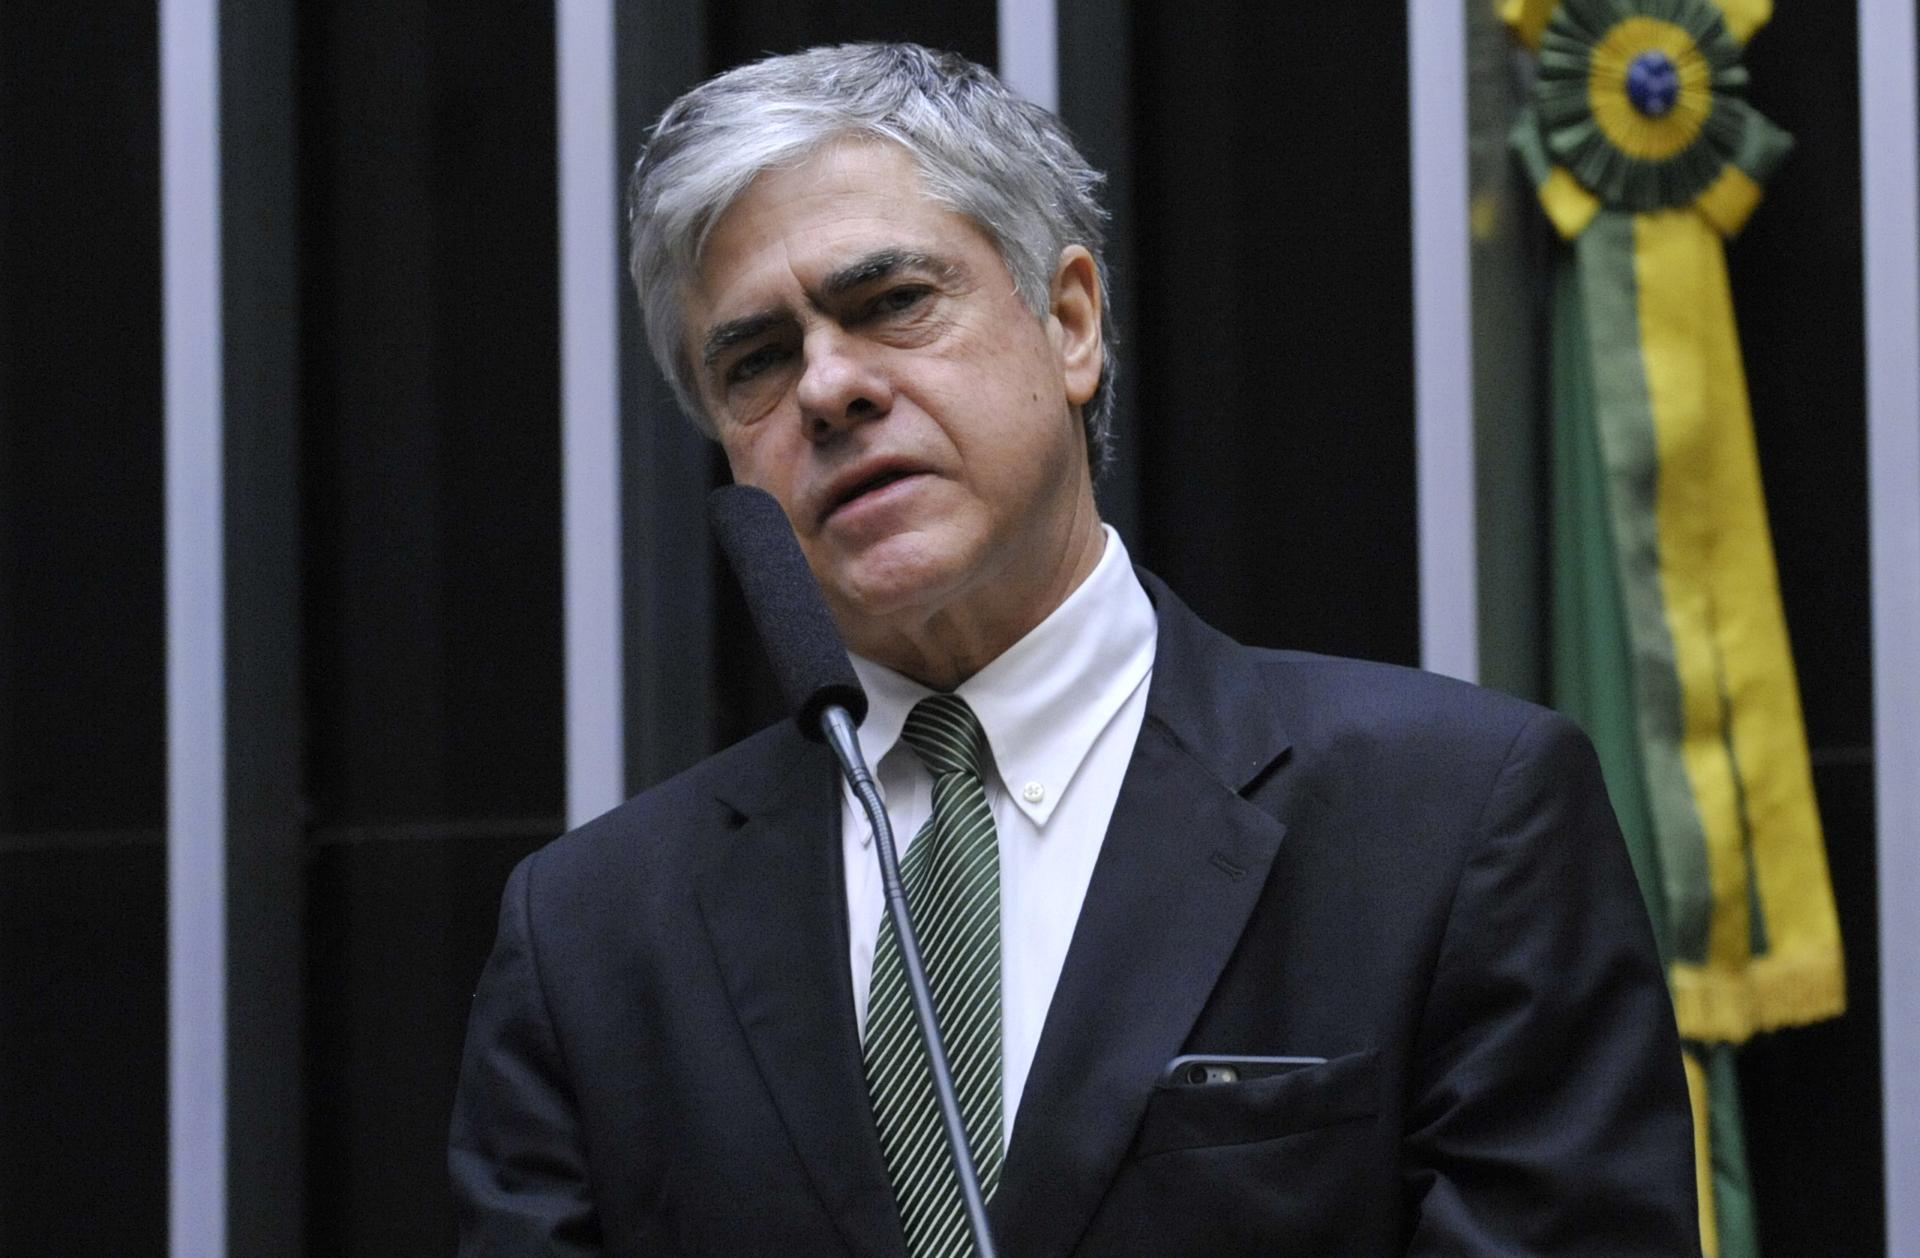 Sessão especial para discussão e votação do parecer do dep. Jovair Arantes (PTB-GO), aprovado em comissão especial, que recomenda a abertura do processo de impeachment da presidente da República - Dep. Augusto Carvalho (SD-DF)